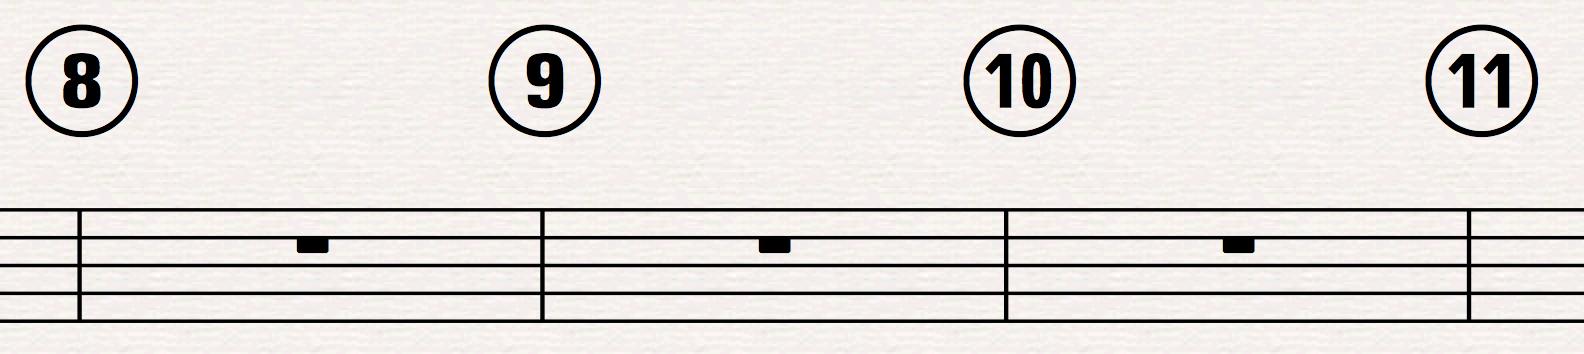 numwrings-10